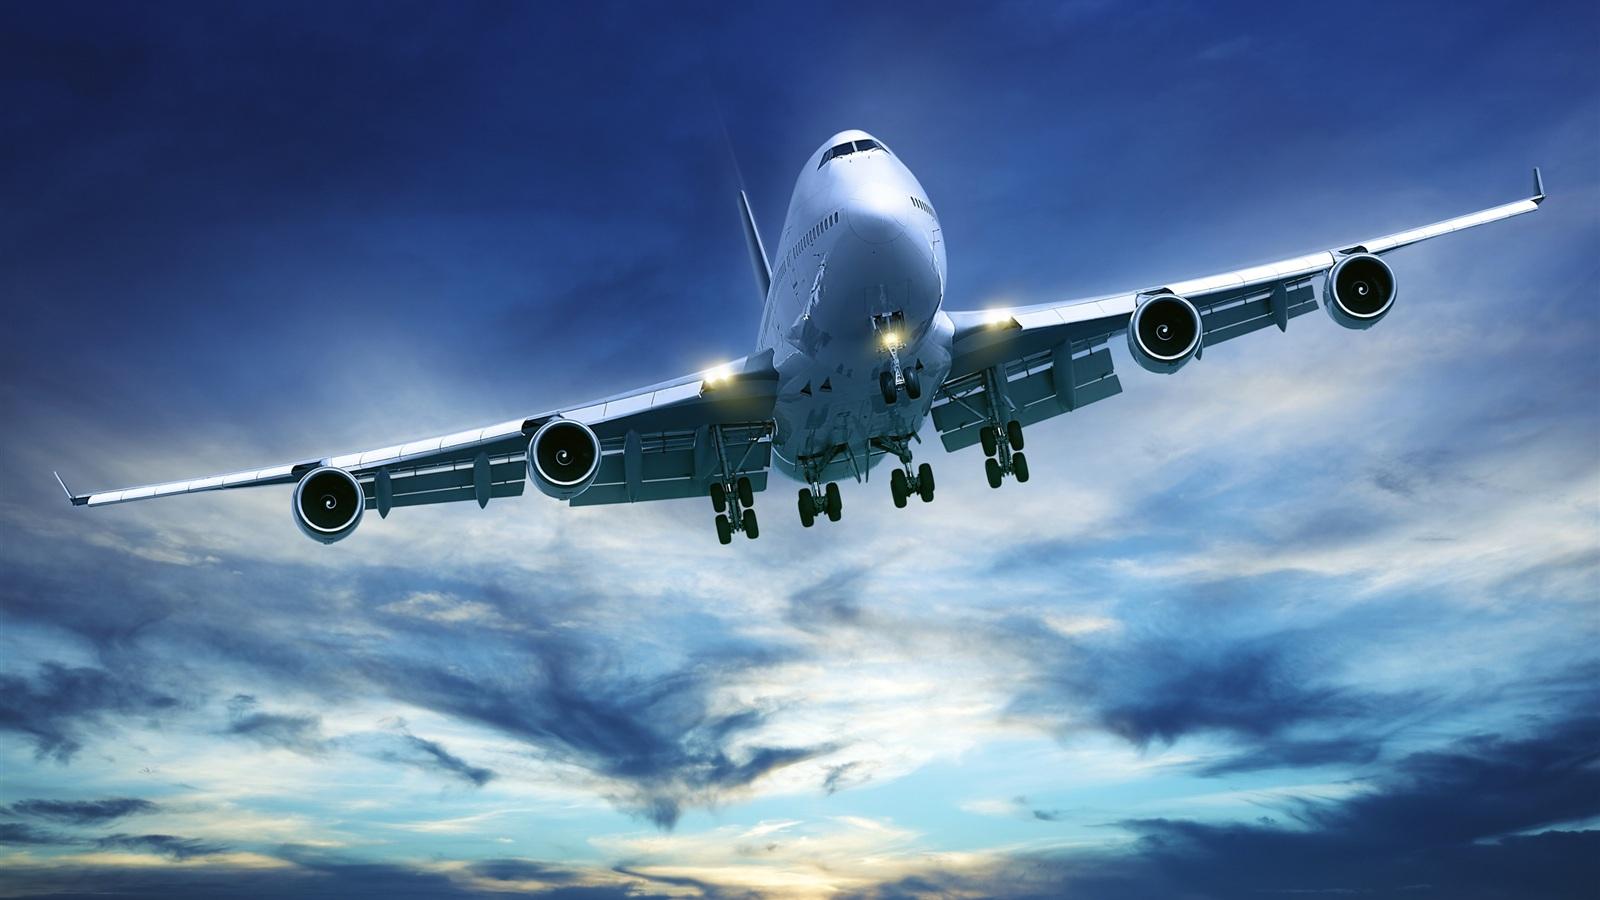 旅客機ボーイング747 壁紙 - 1600x900    1600x900 壁紙ダウンロード